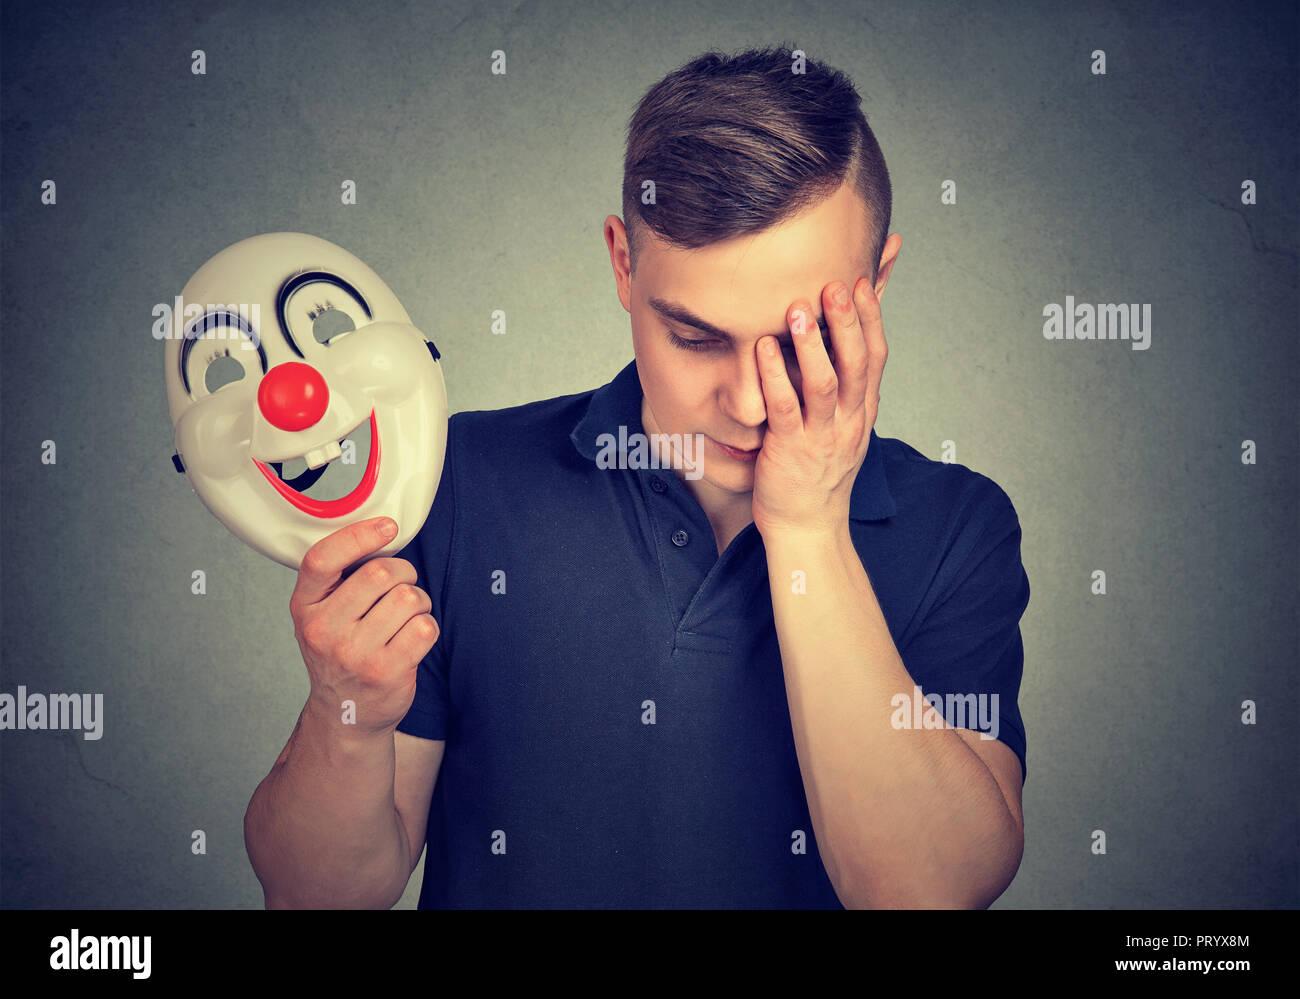 Junger Mann mit bunten clown Maske und Suchen umgekippt werden bei Depressionen und Gefühle verbergen Stockbild